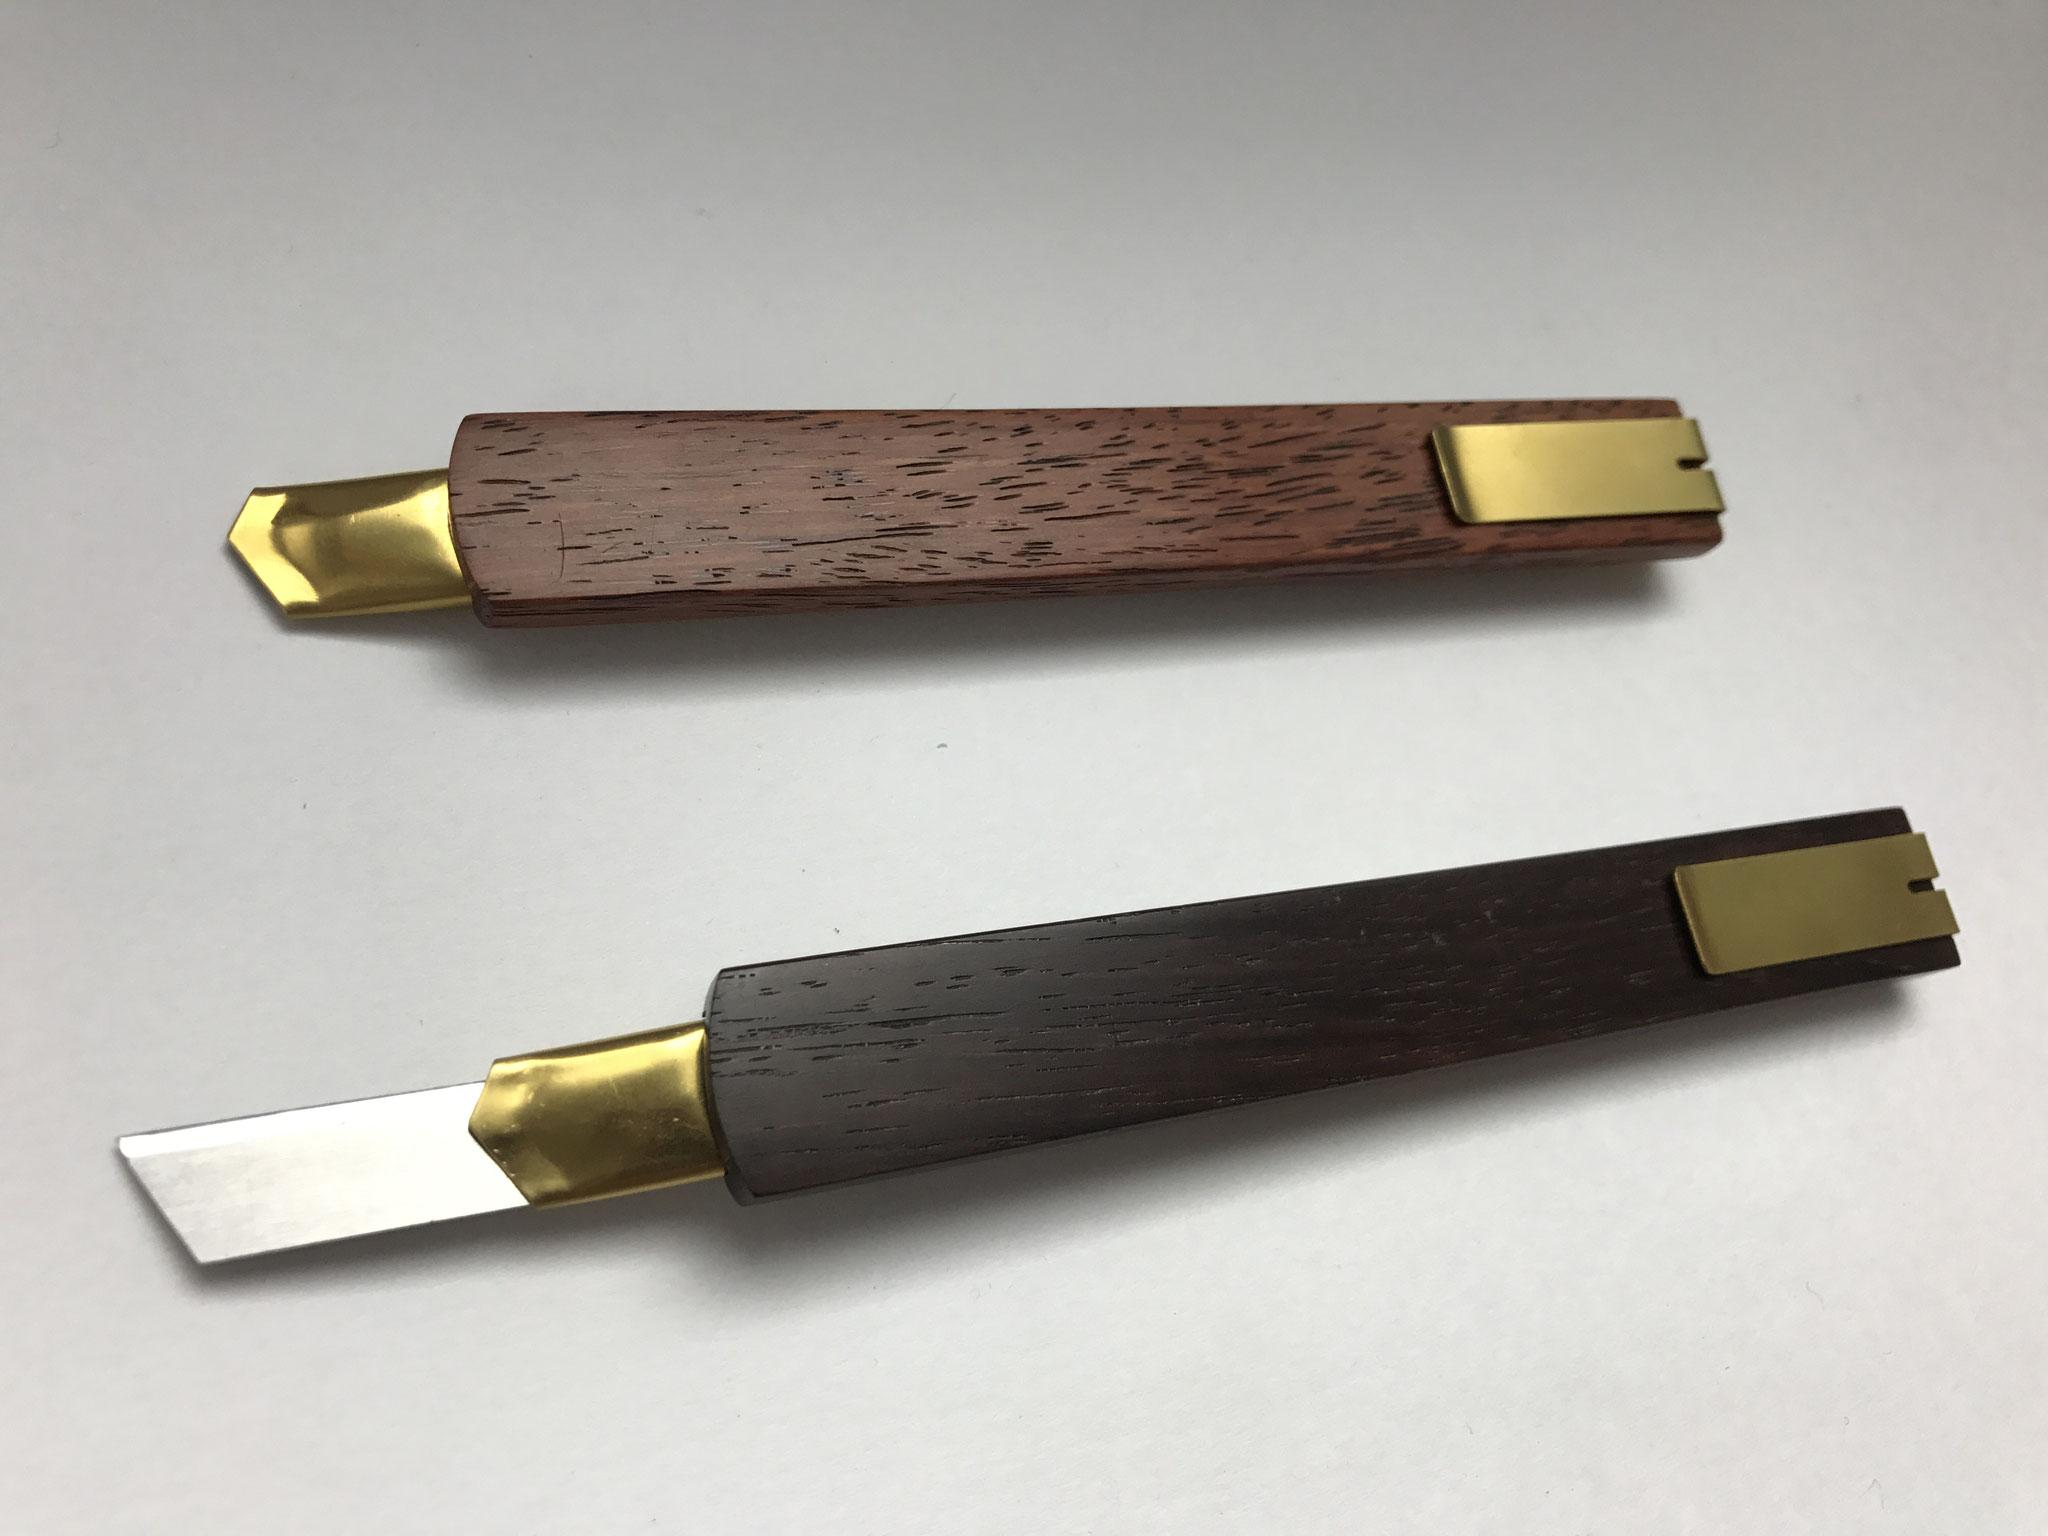 カッターナイフ「采・匠(あや・たくみ)」(黒檀+漆)